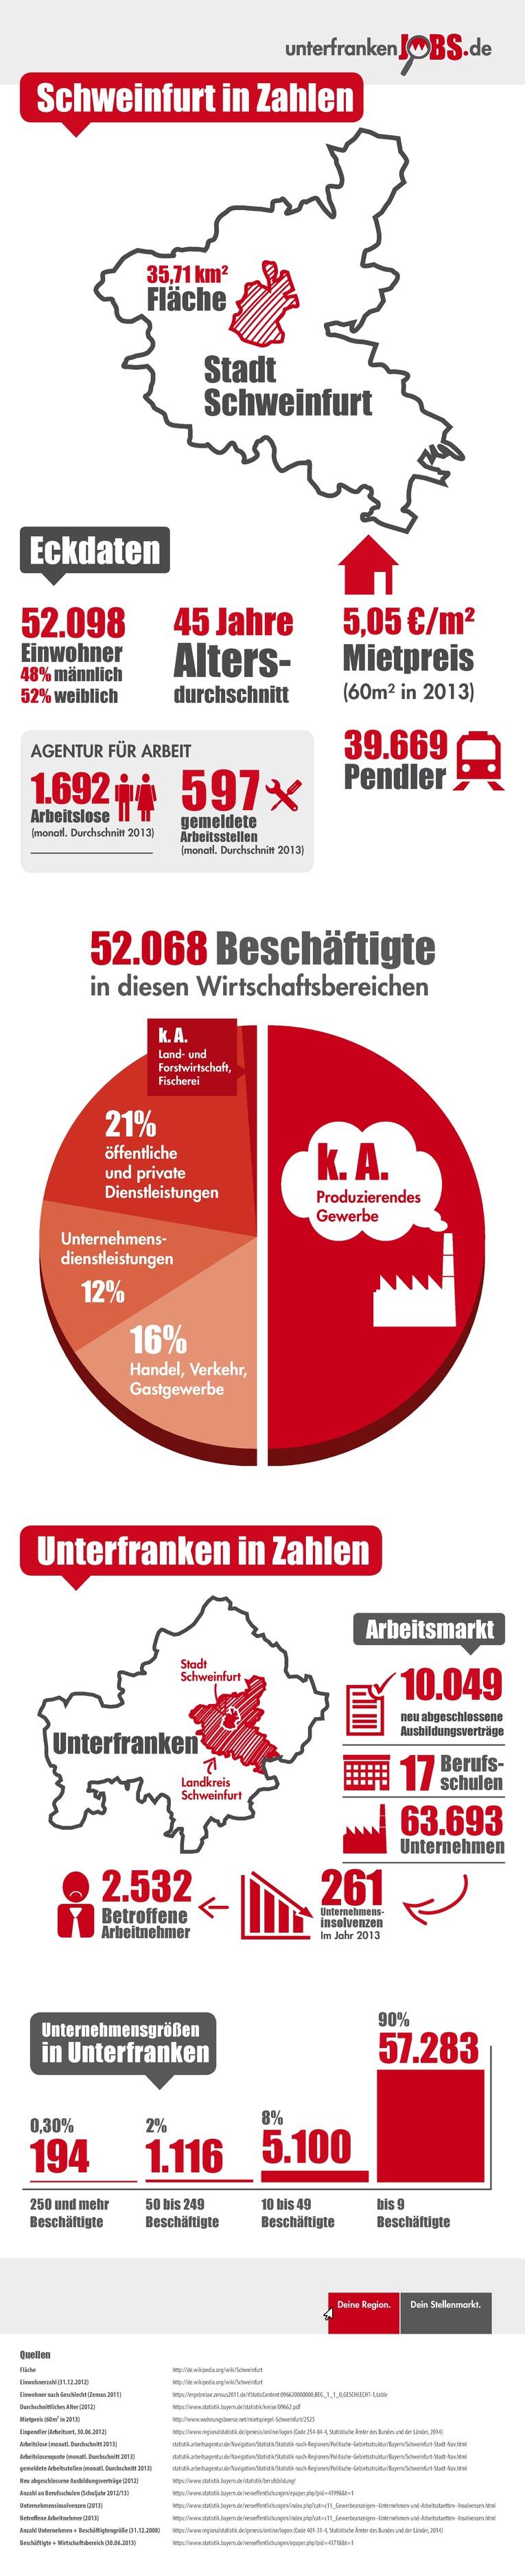 Infografik Schweinfurt